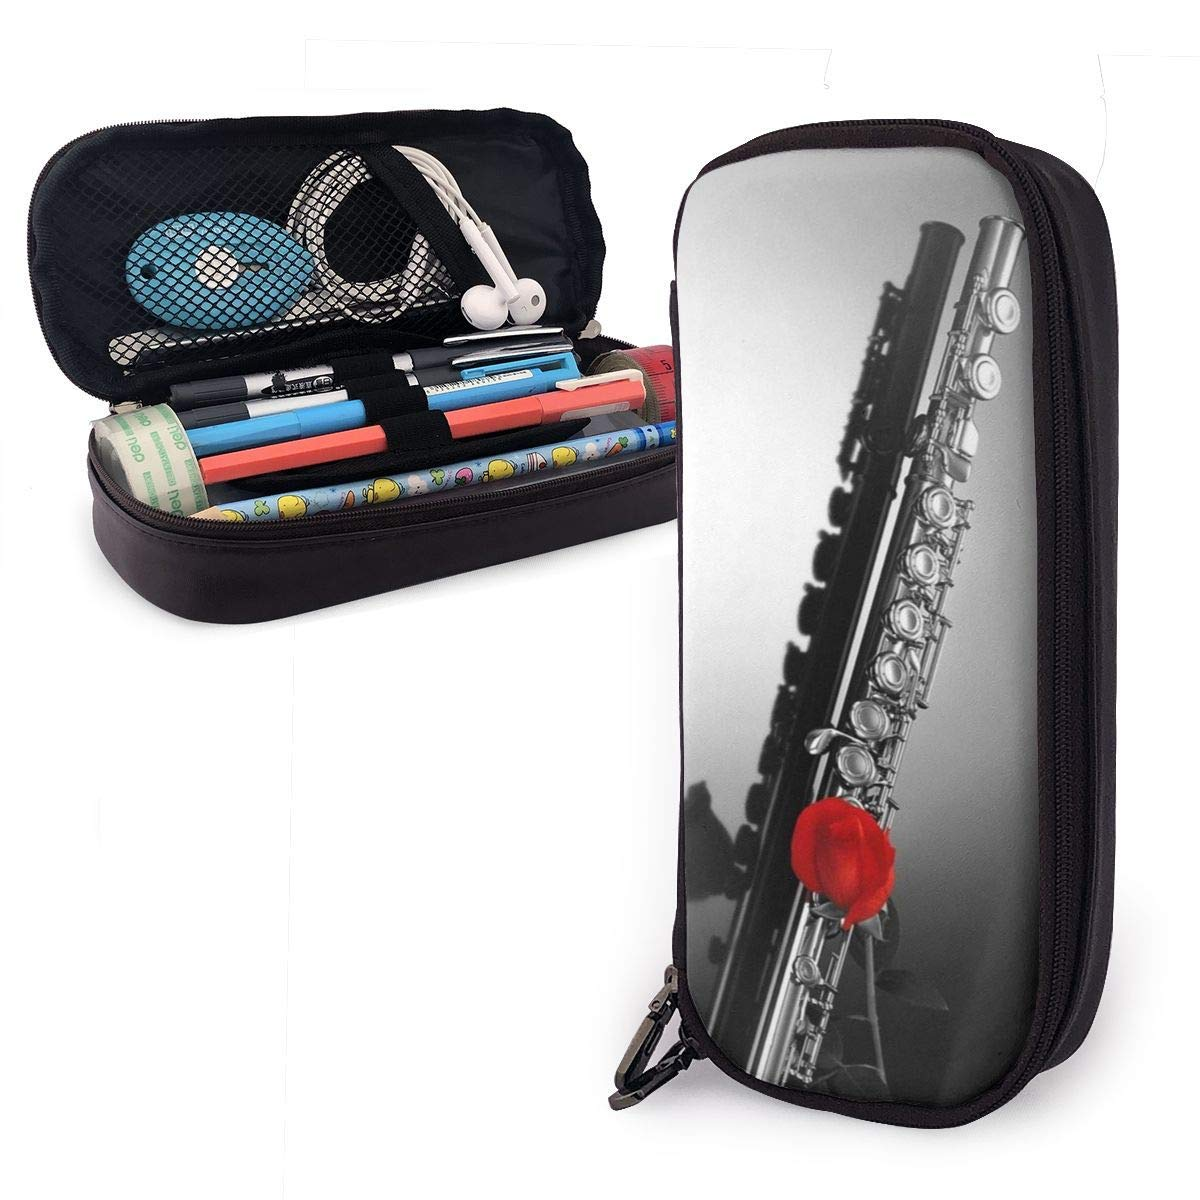 Estuche de lápices de flauta - Organizador de papelería de cuero de PU de gran capacidad: Amazon.es: Oficina y papelería